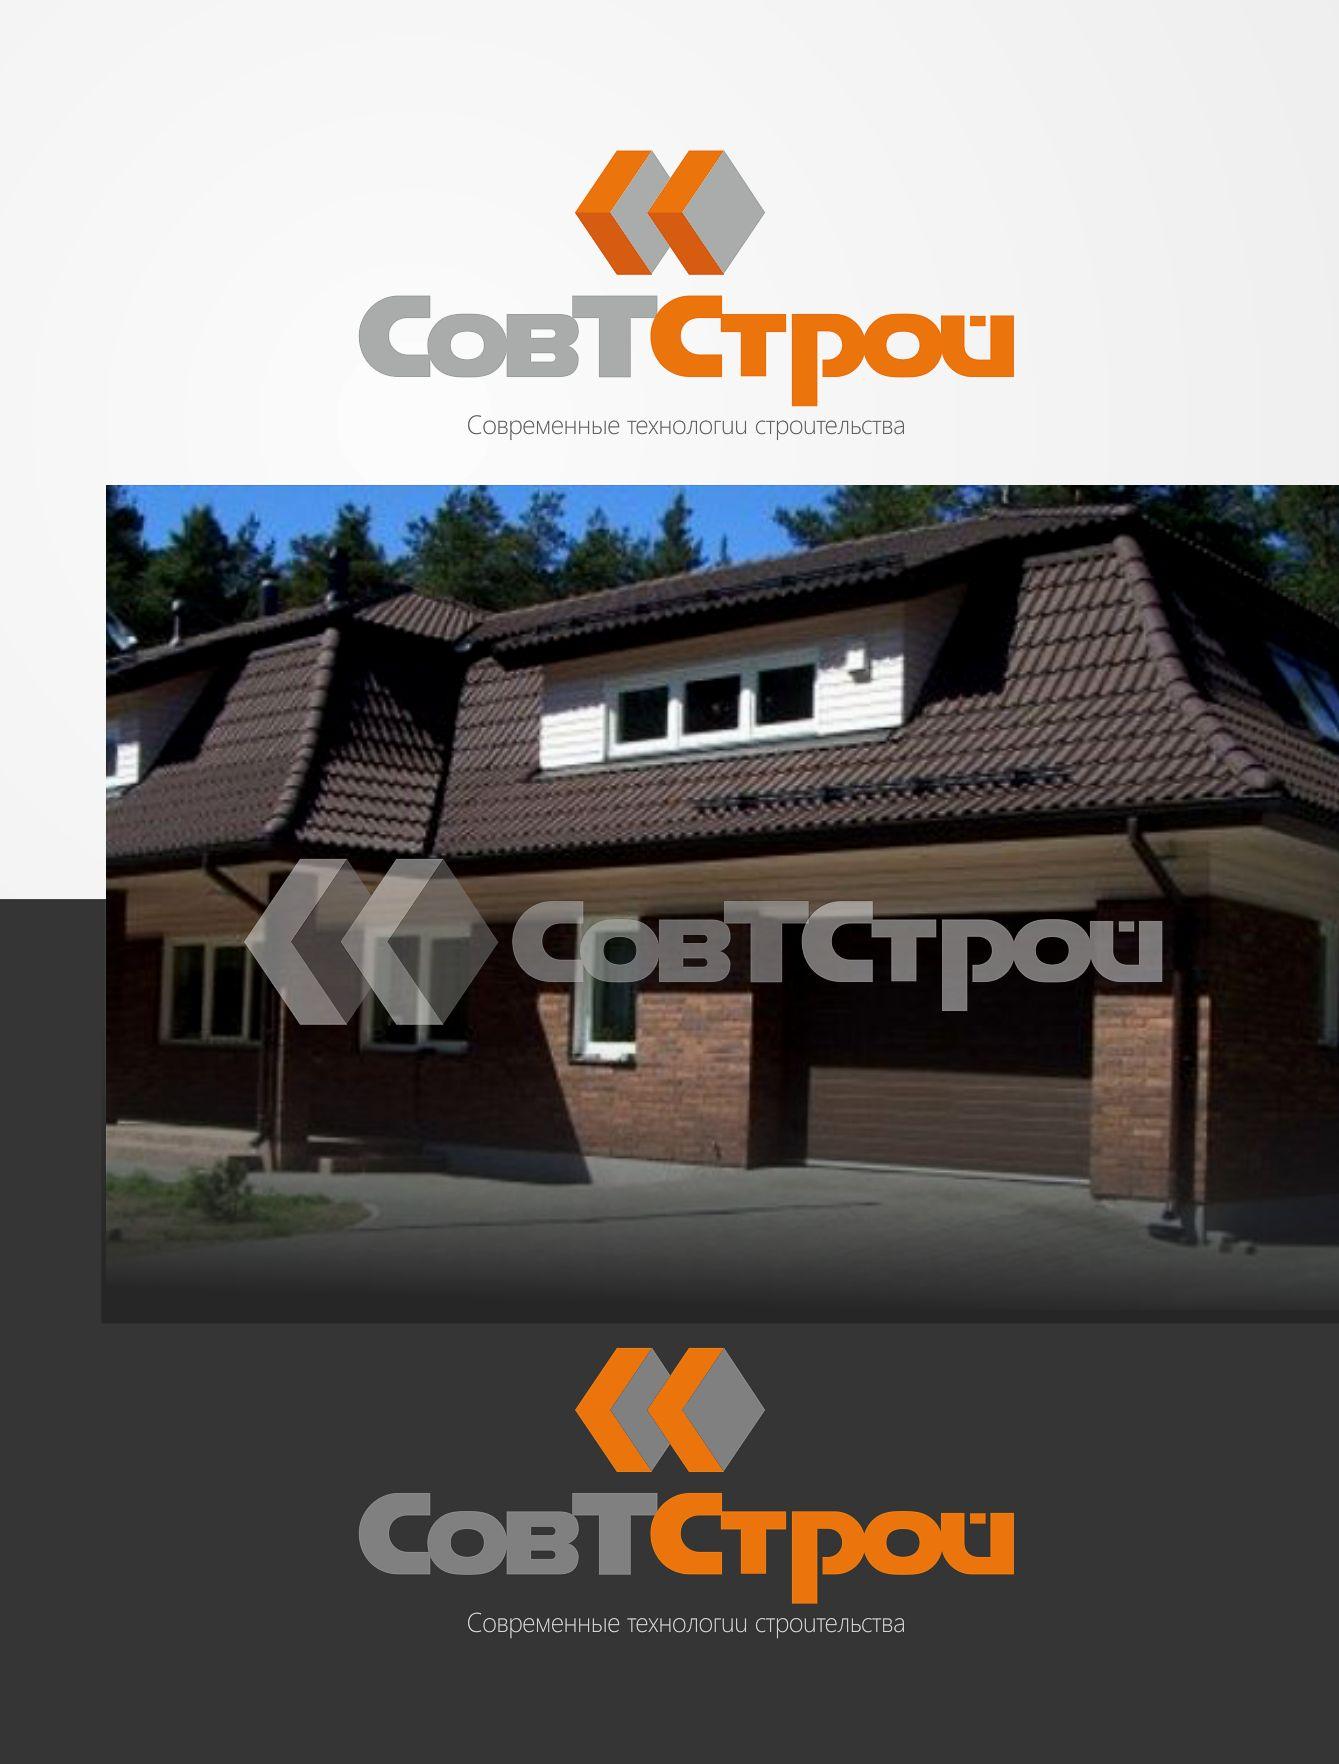 Логотип для поставщика строительных материалов - дизайнер vchernets